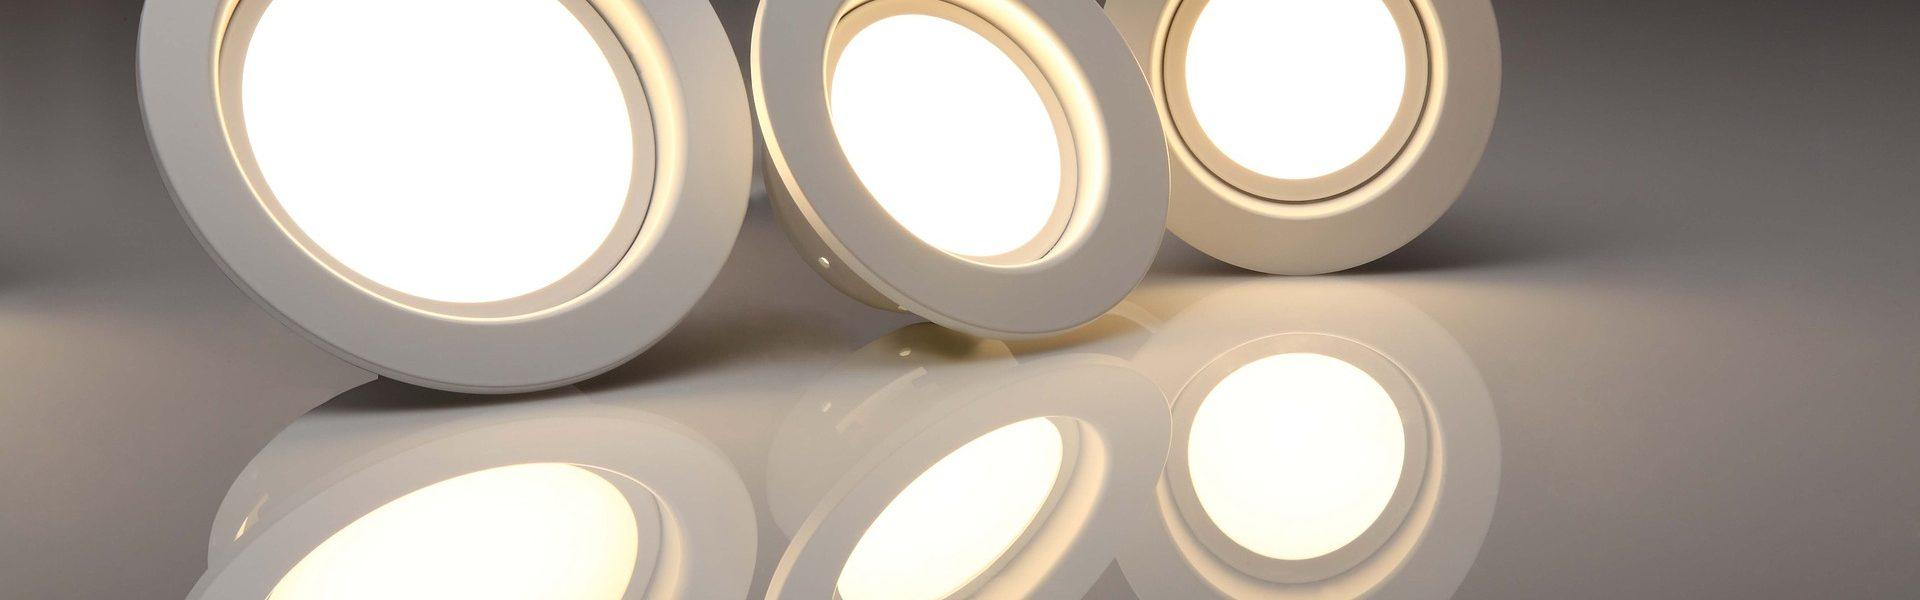 Header Bild ENTEGA modernisiert Beleuchtung in den vier Bauverein-Tiefgaragen